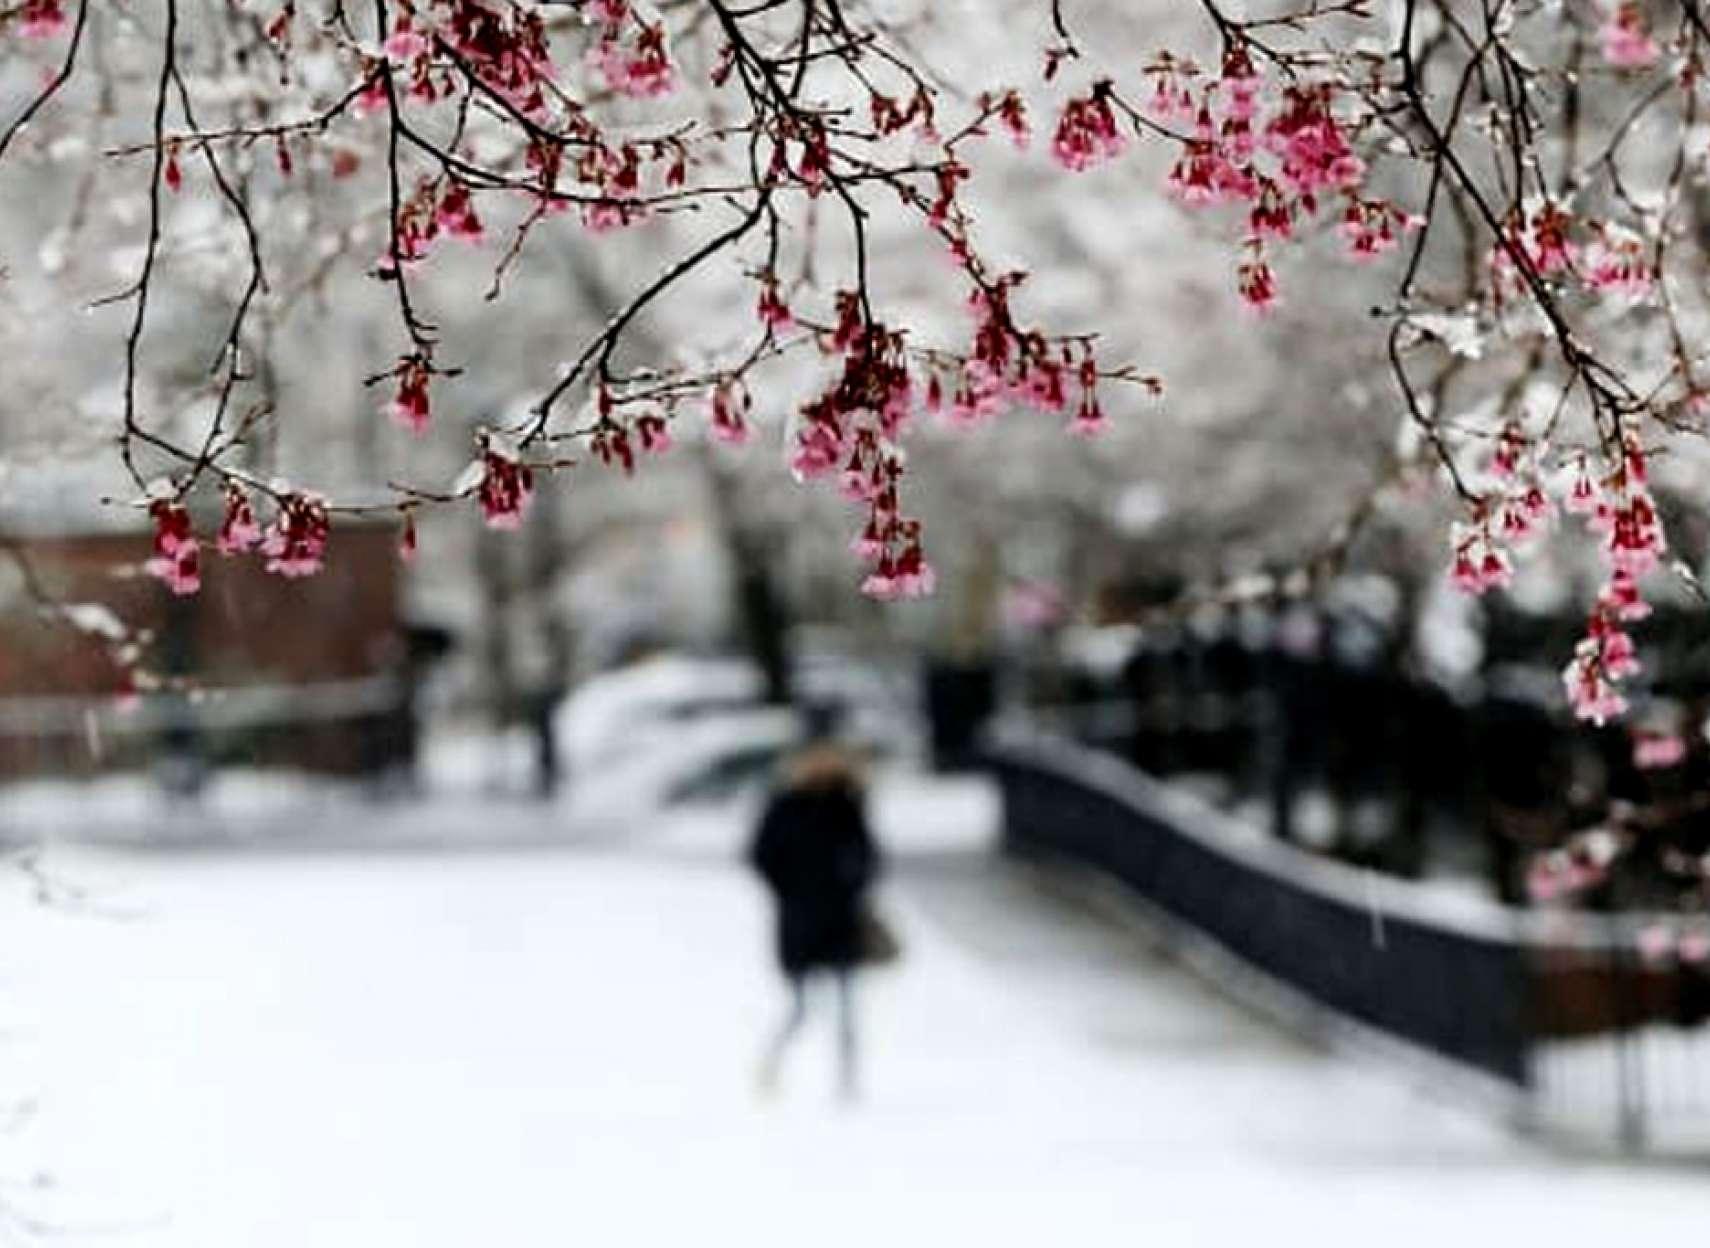 اخبار-تورنتو-سرمای-زیر-صفر-و-برف-آخر-همین-هفته-در-انتاریو-و-کبک